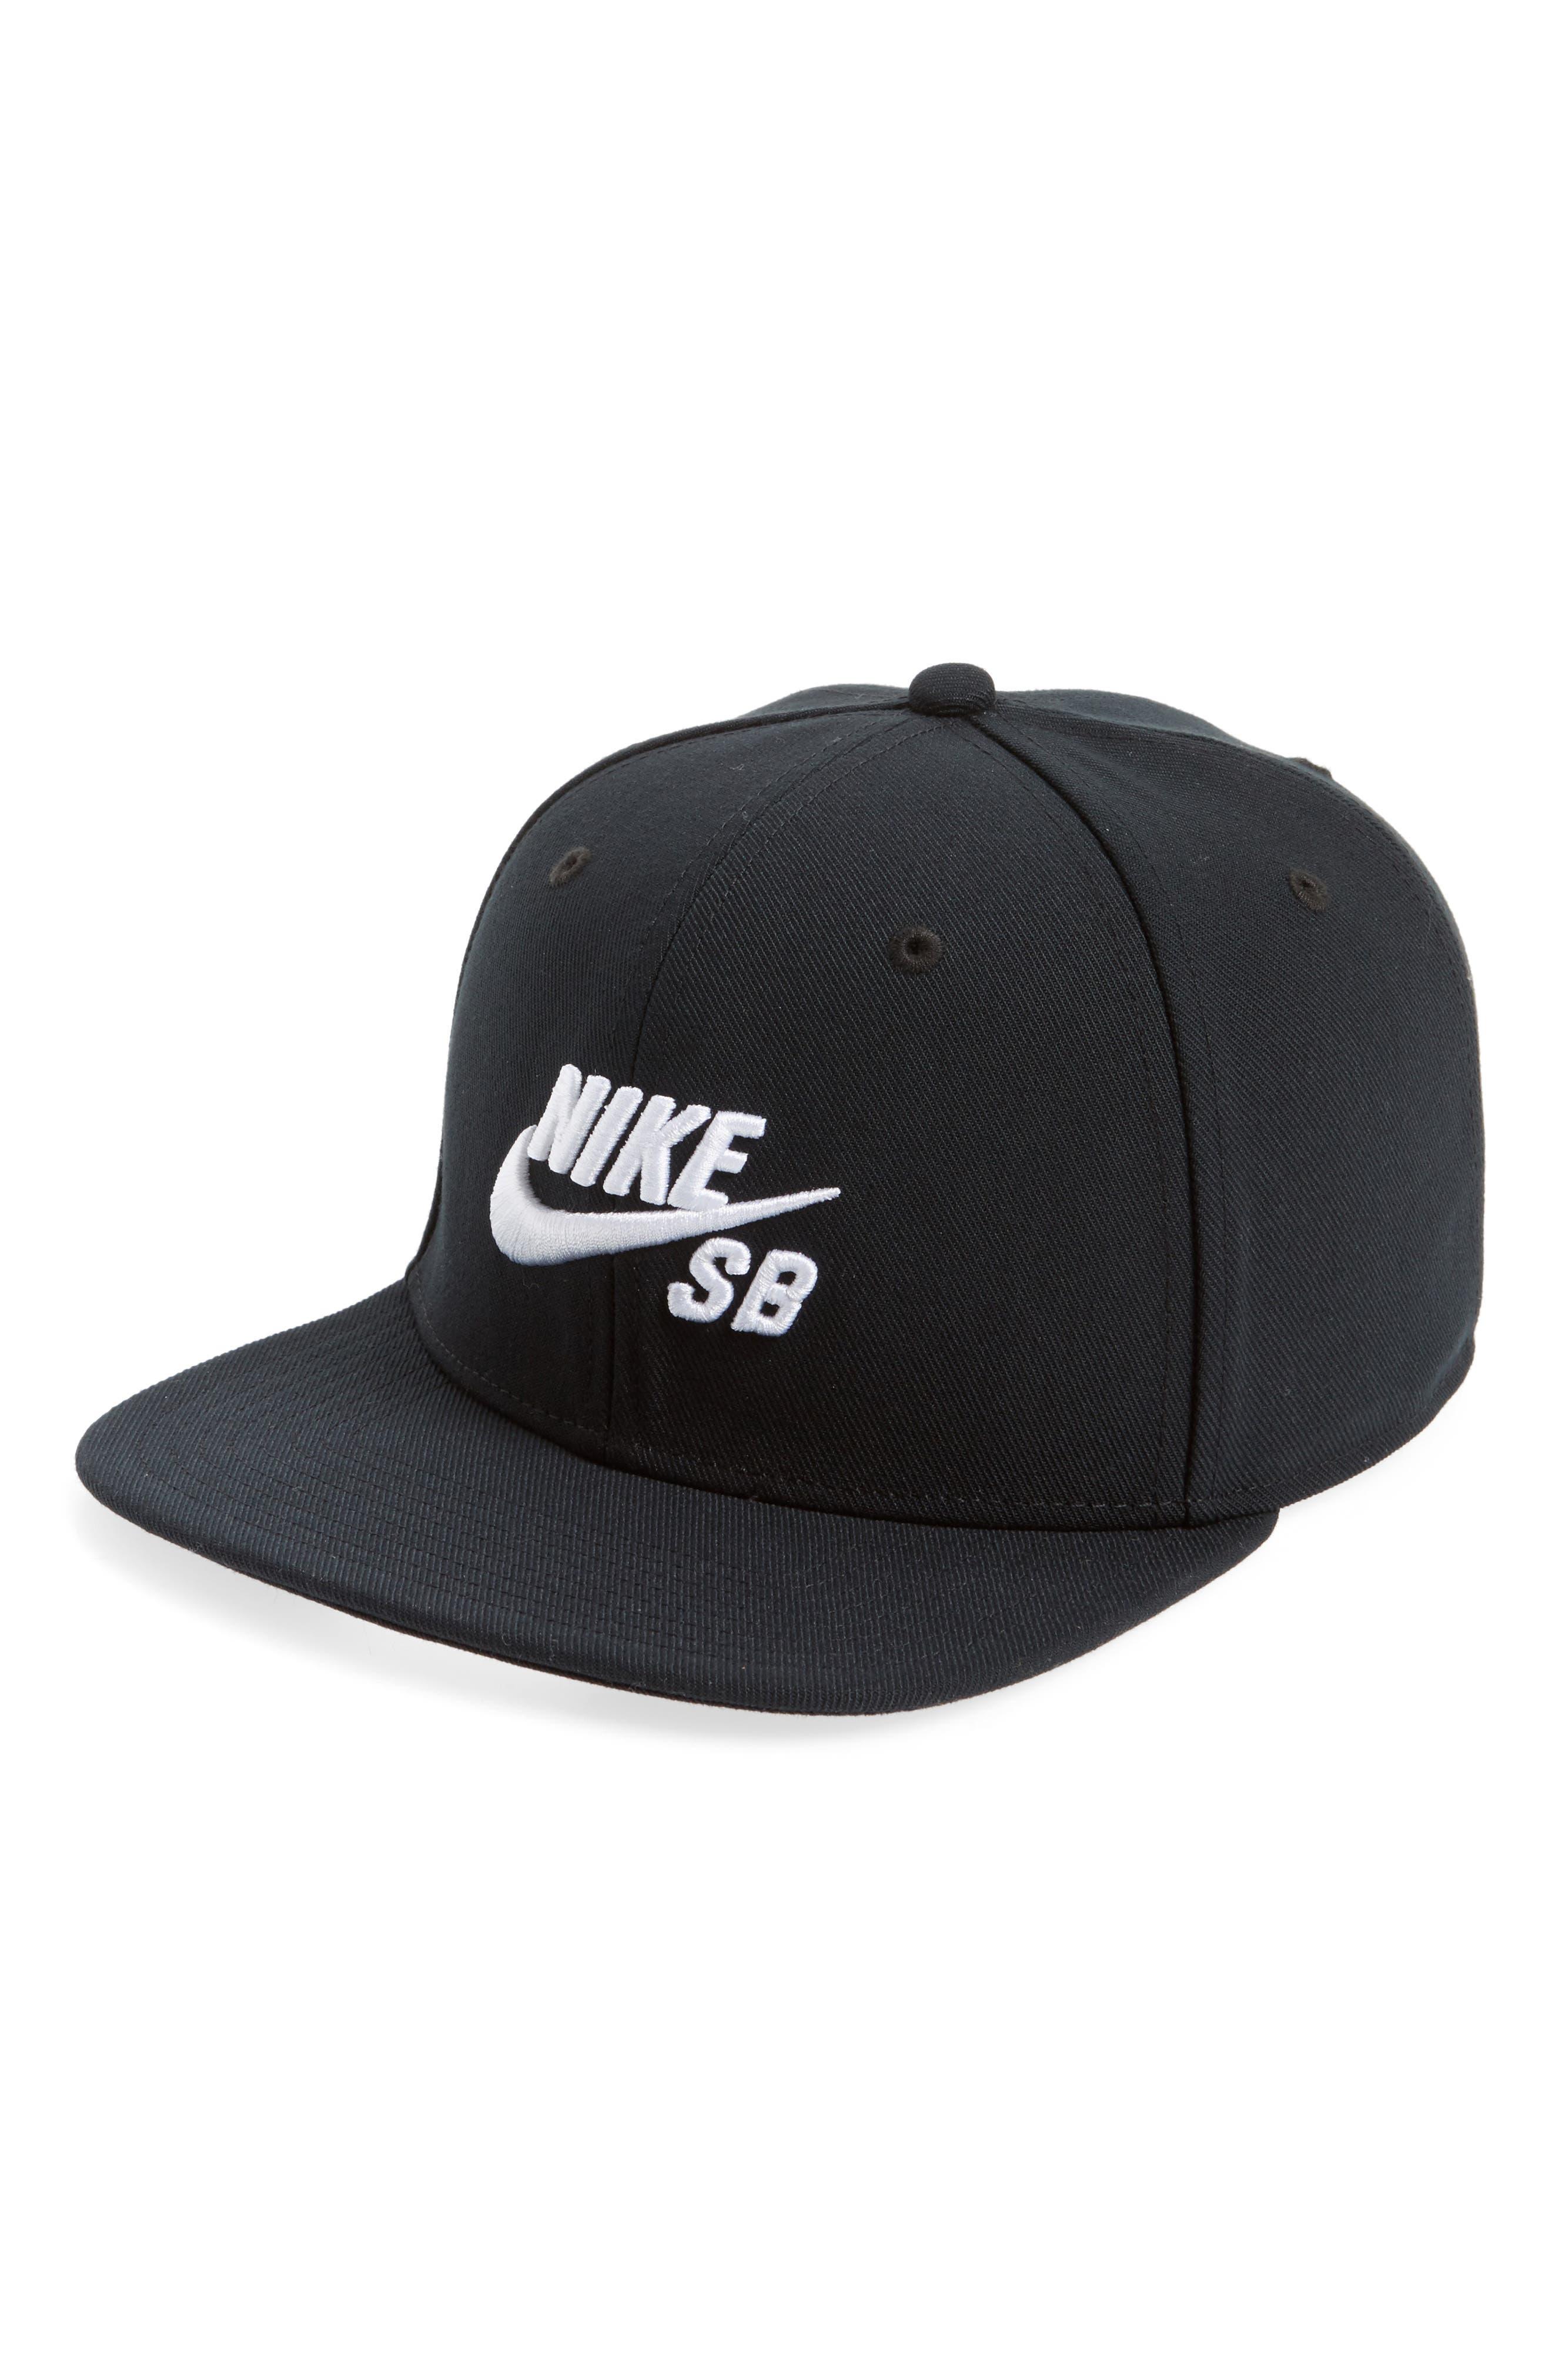 NIKE SB Nike Pro Snapback Baseball Cap, Main, color, BLACK/ BLACK/ BLACK/ WHITE